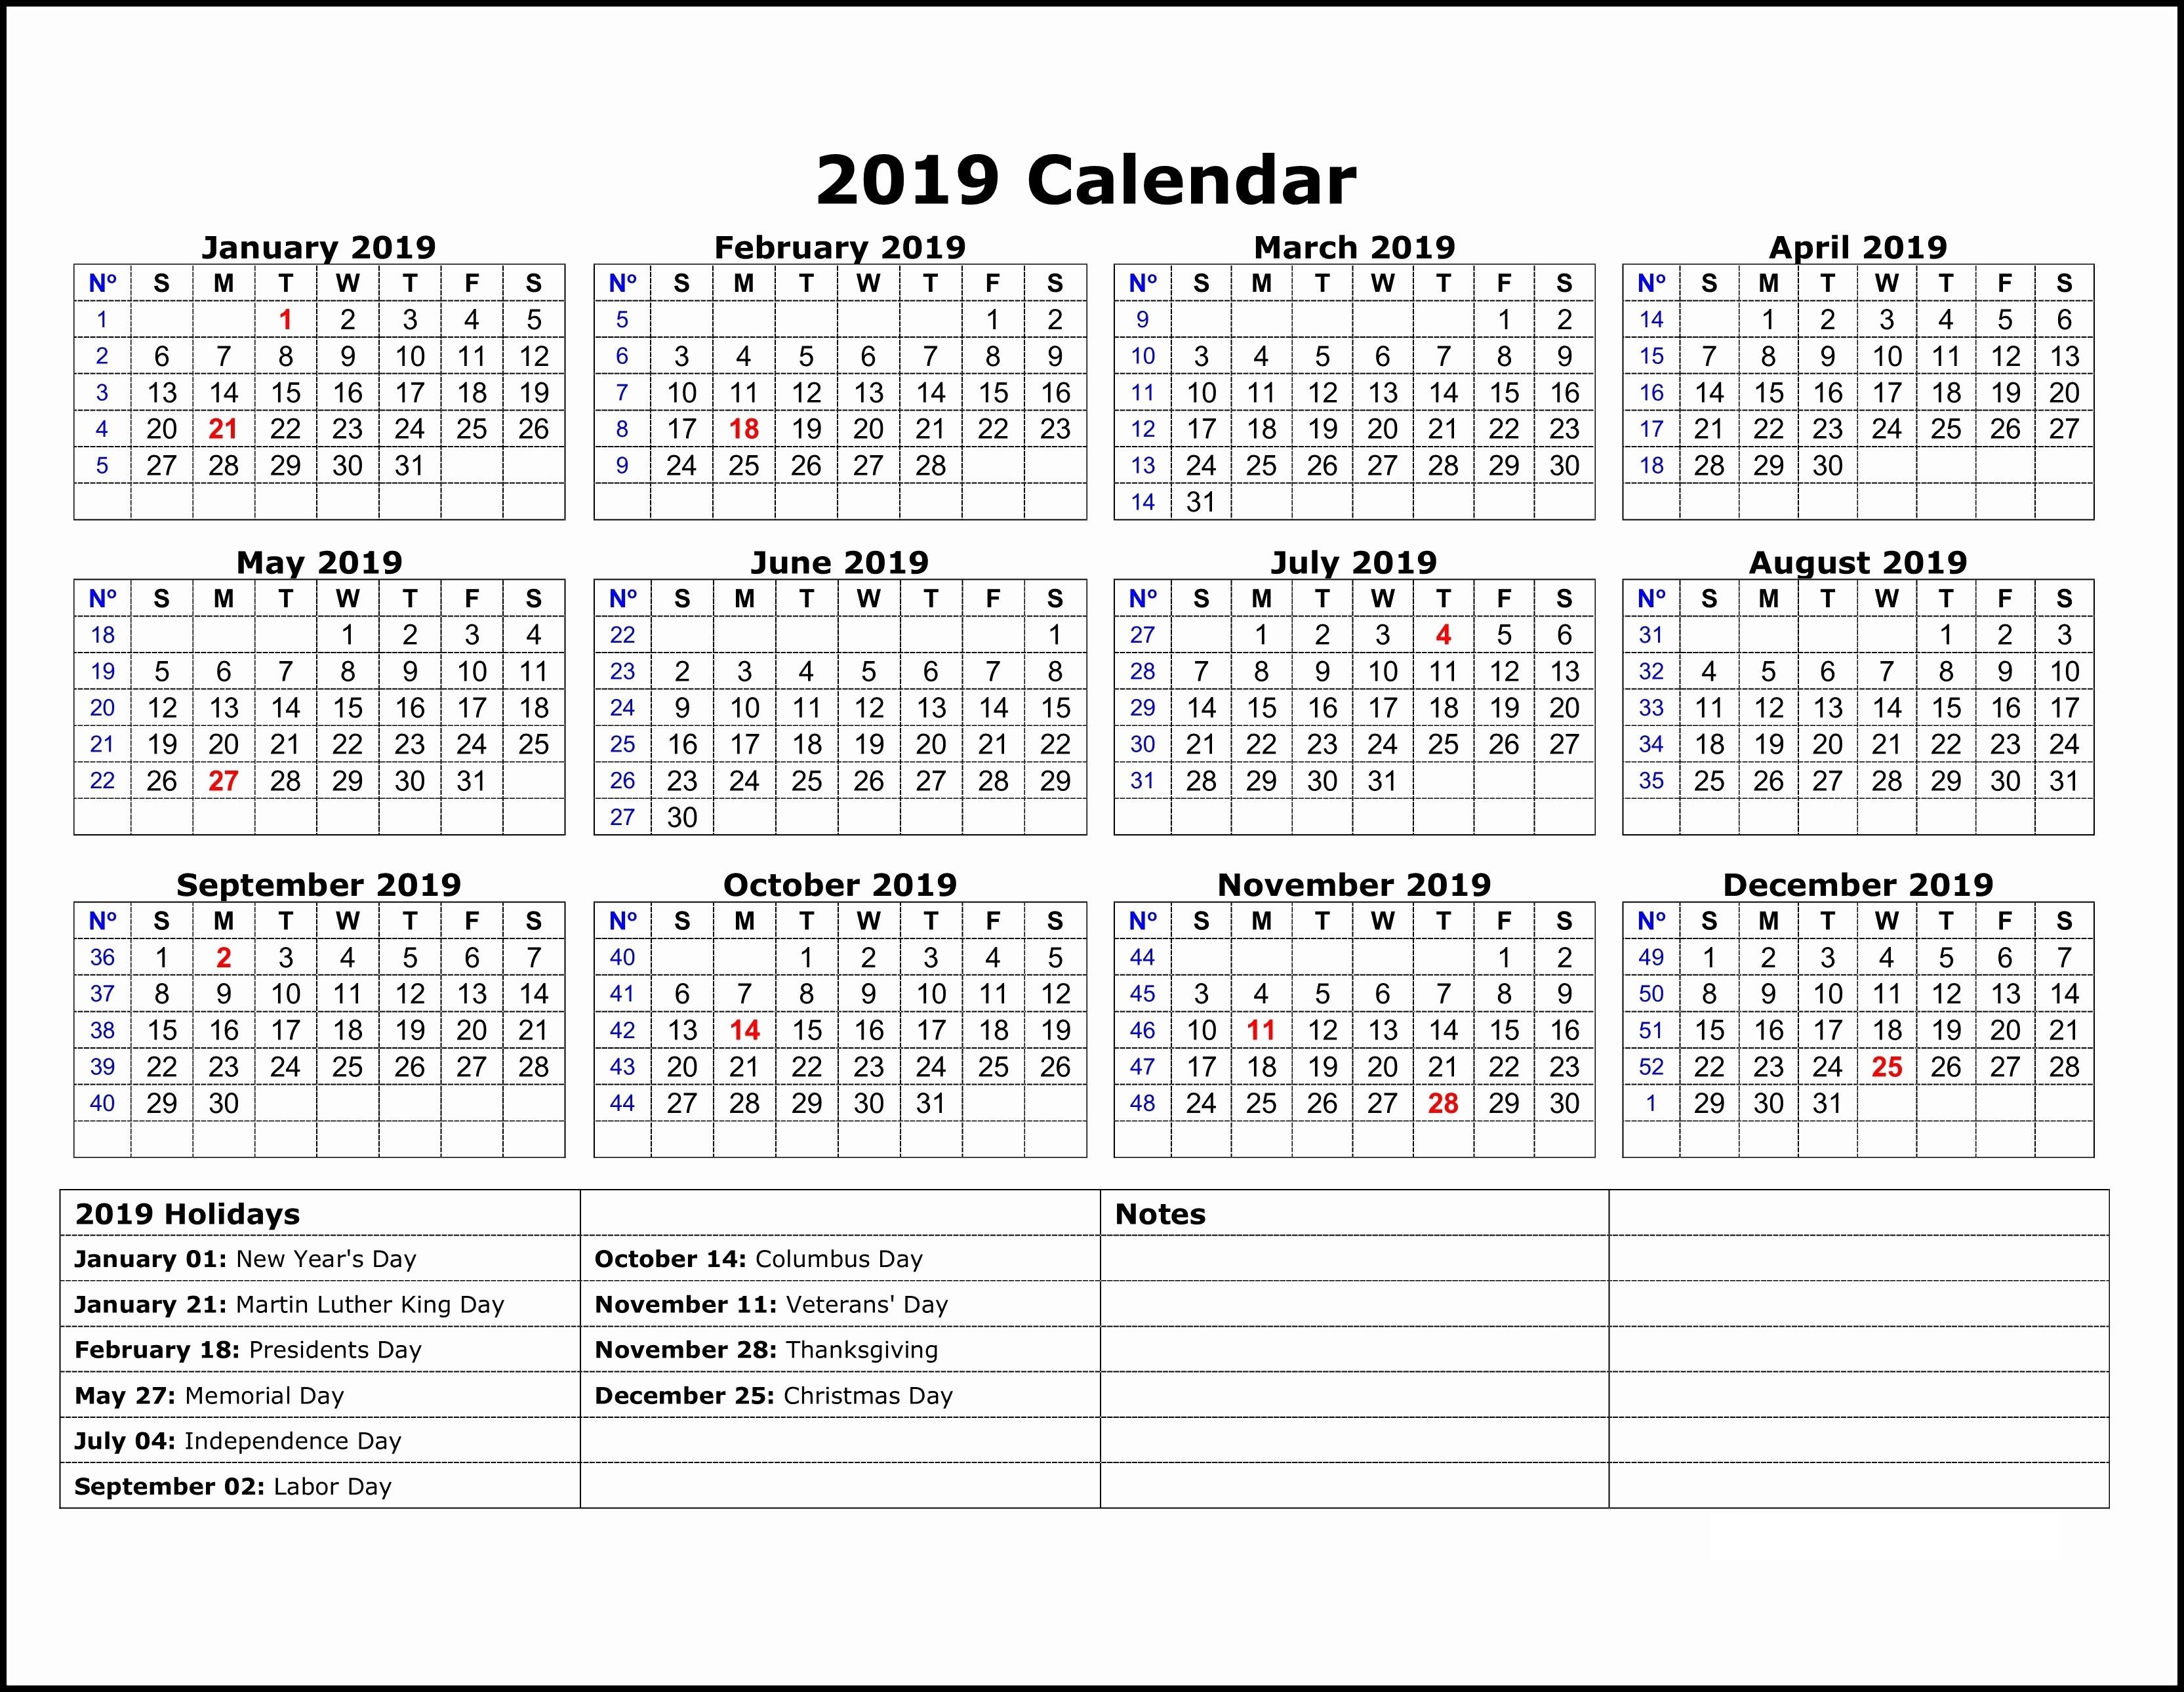 2019 Calendar Template One Note